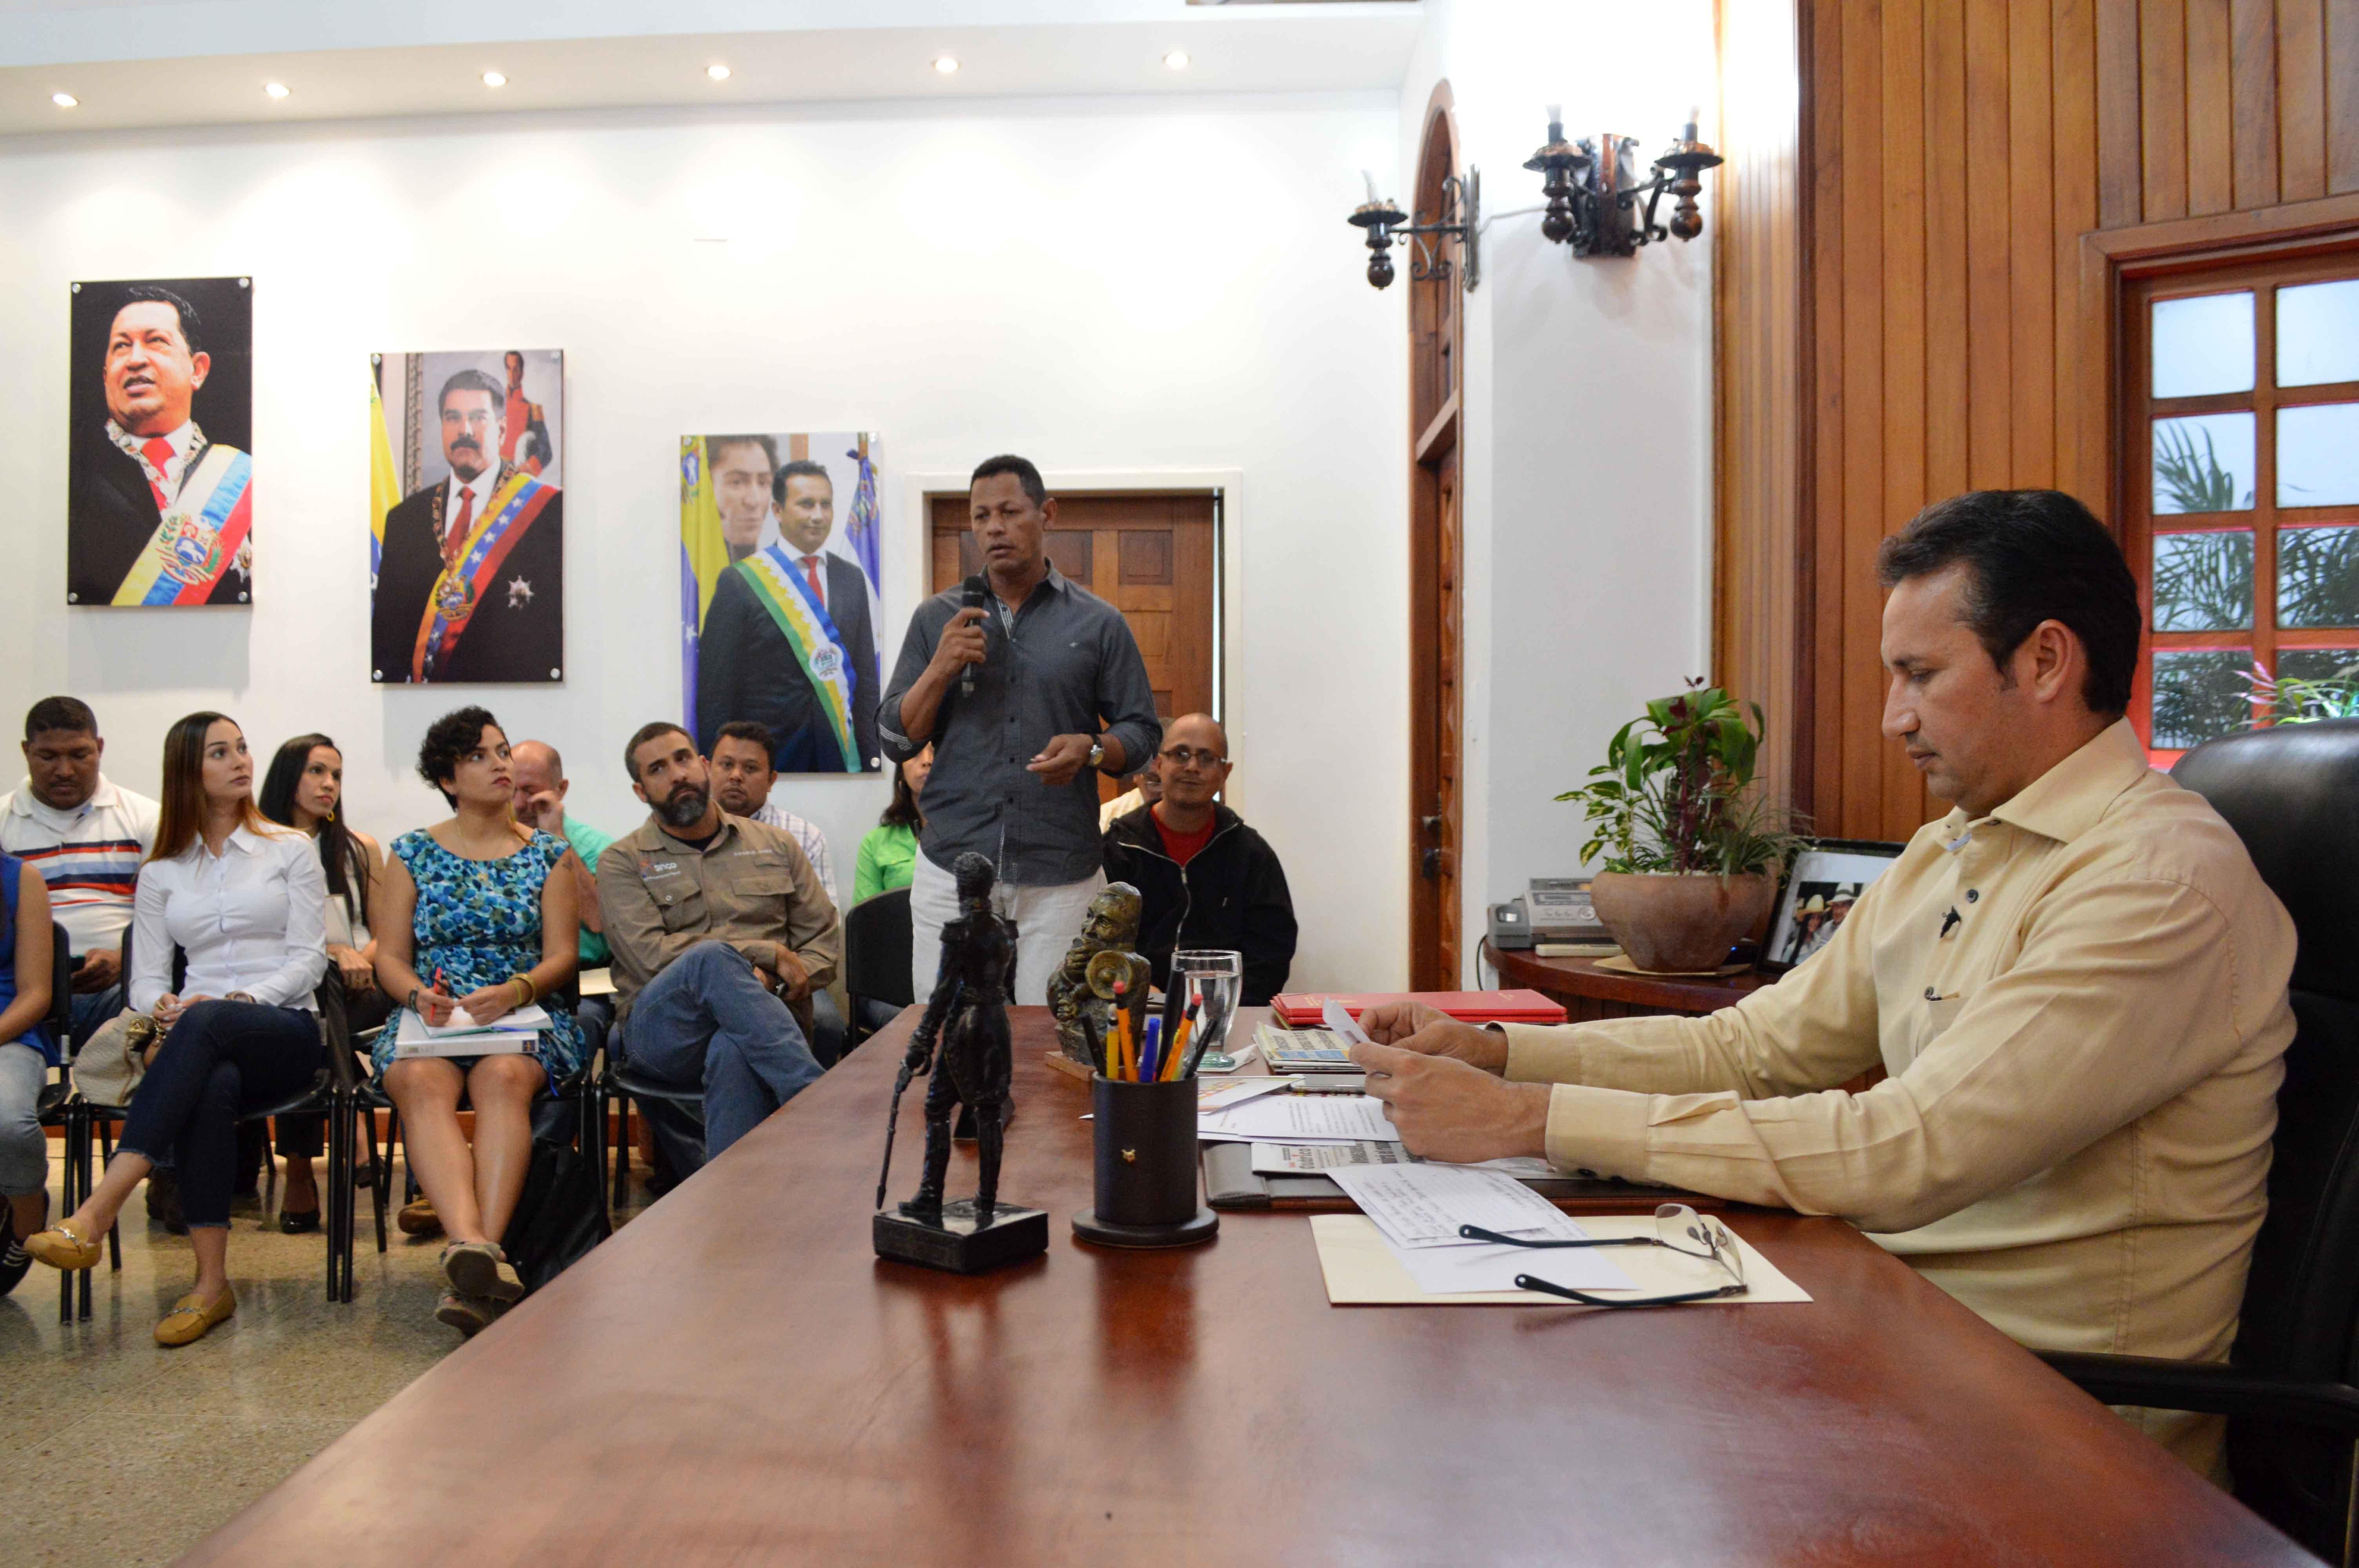 Gobernador, dio a conocer como autoridad única en educación para el estado Guárico José Muñoz mediante su alocución